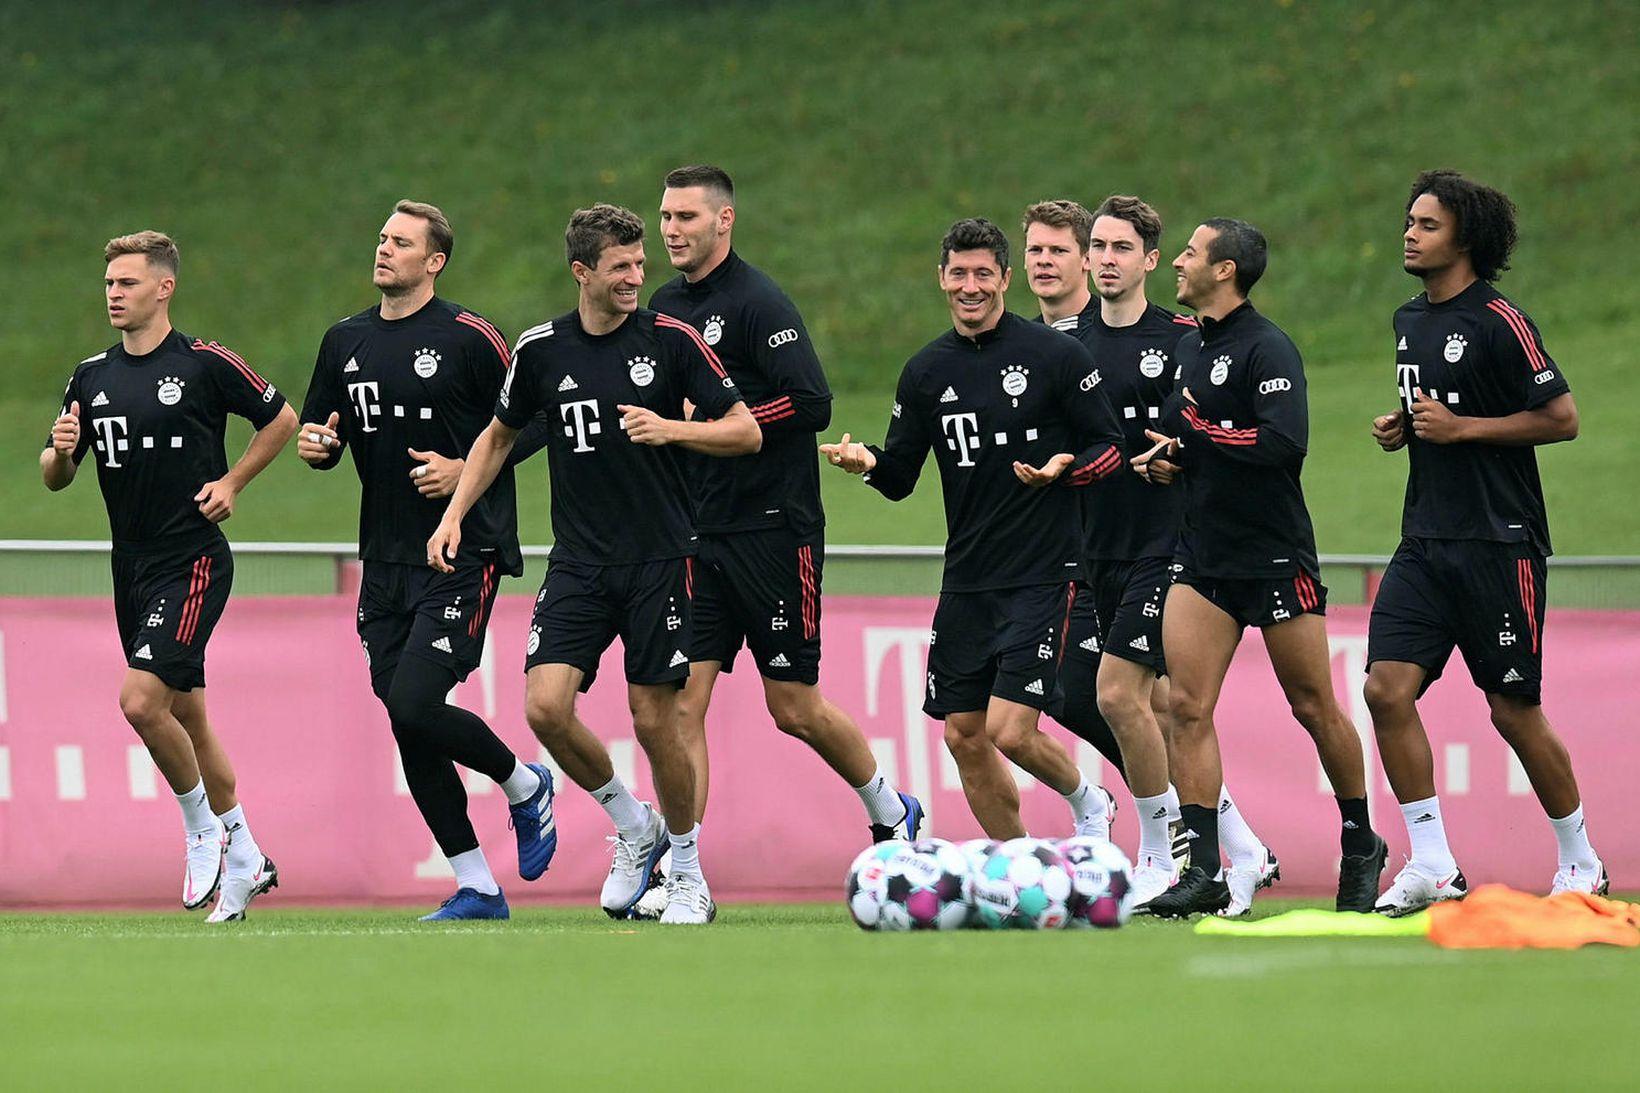 Þýskalandsmeistarar Bayern München hefja leik í þýsku 1. deildinni á …